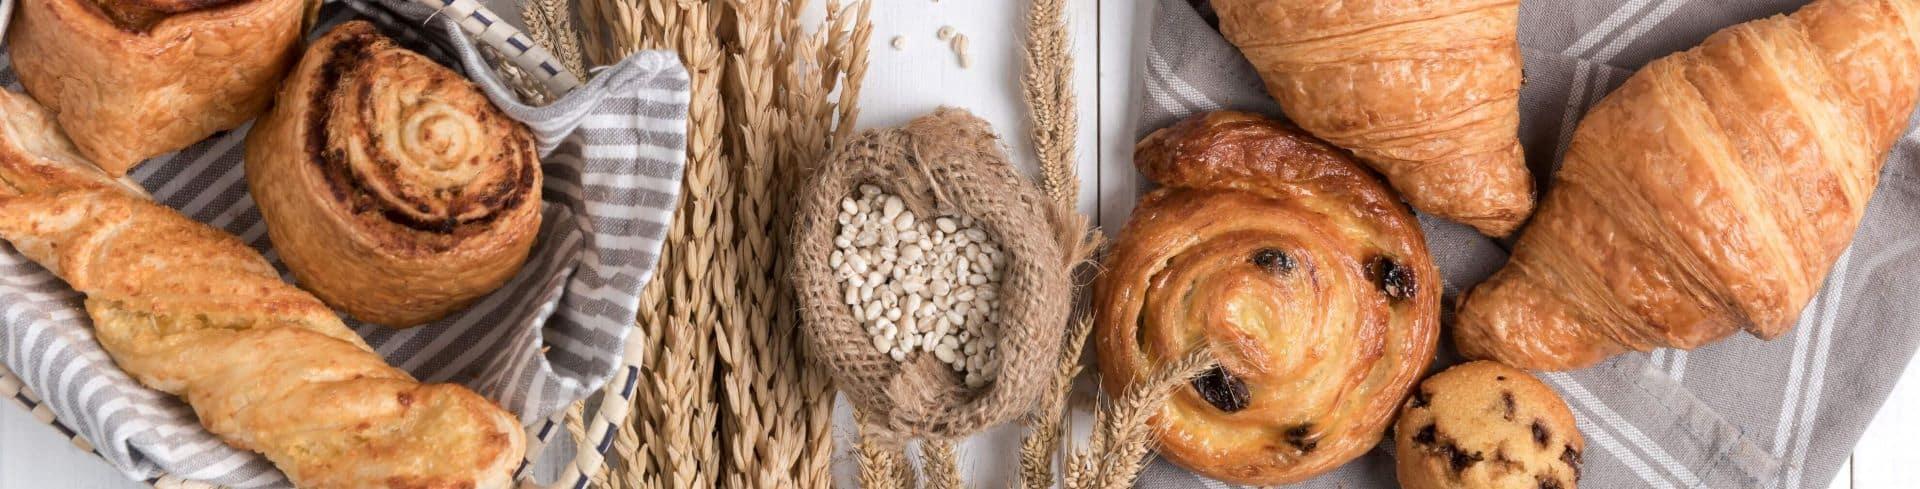 baked goods banner